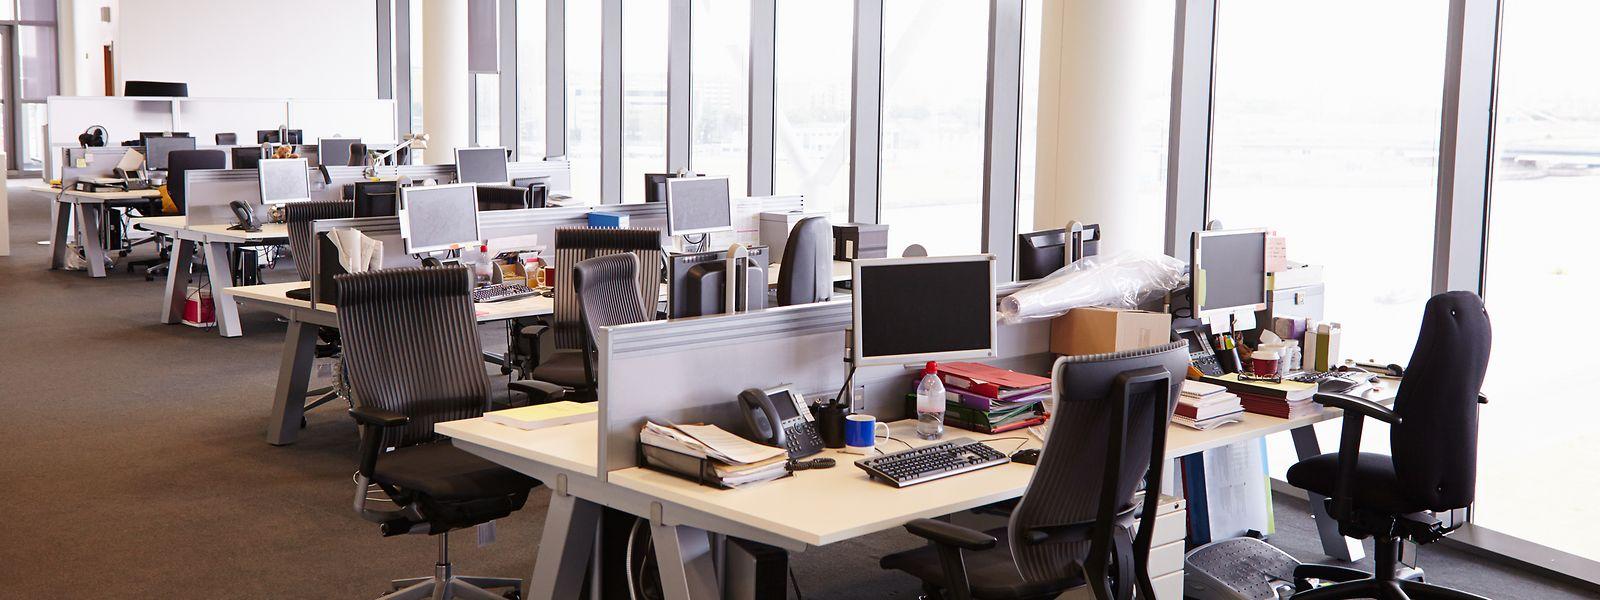 Désertés depuis des mois, les bureaux s'apprêtent à accueillir une vague de salariés pas forcément très sûrs d'eux.